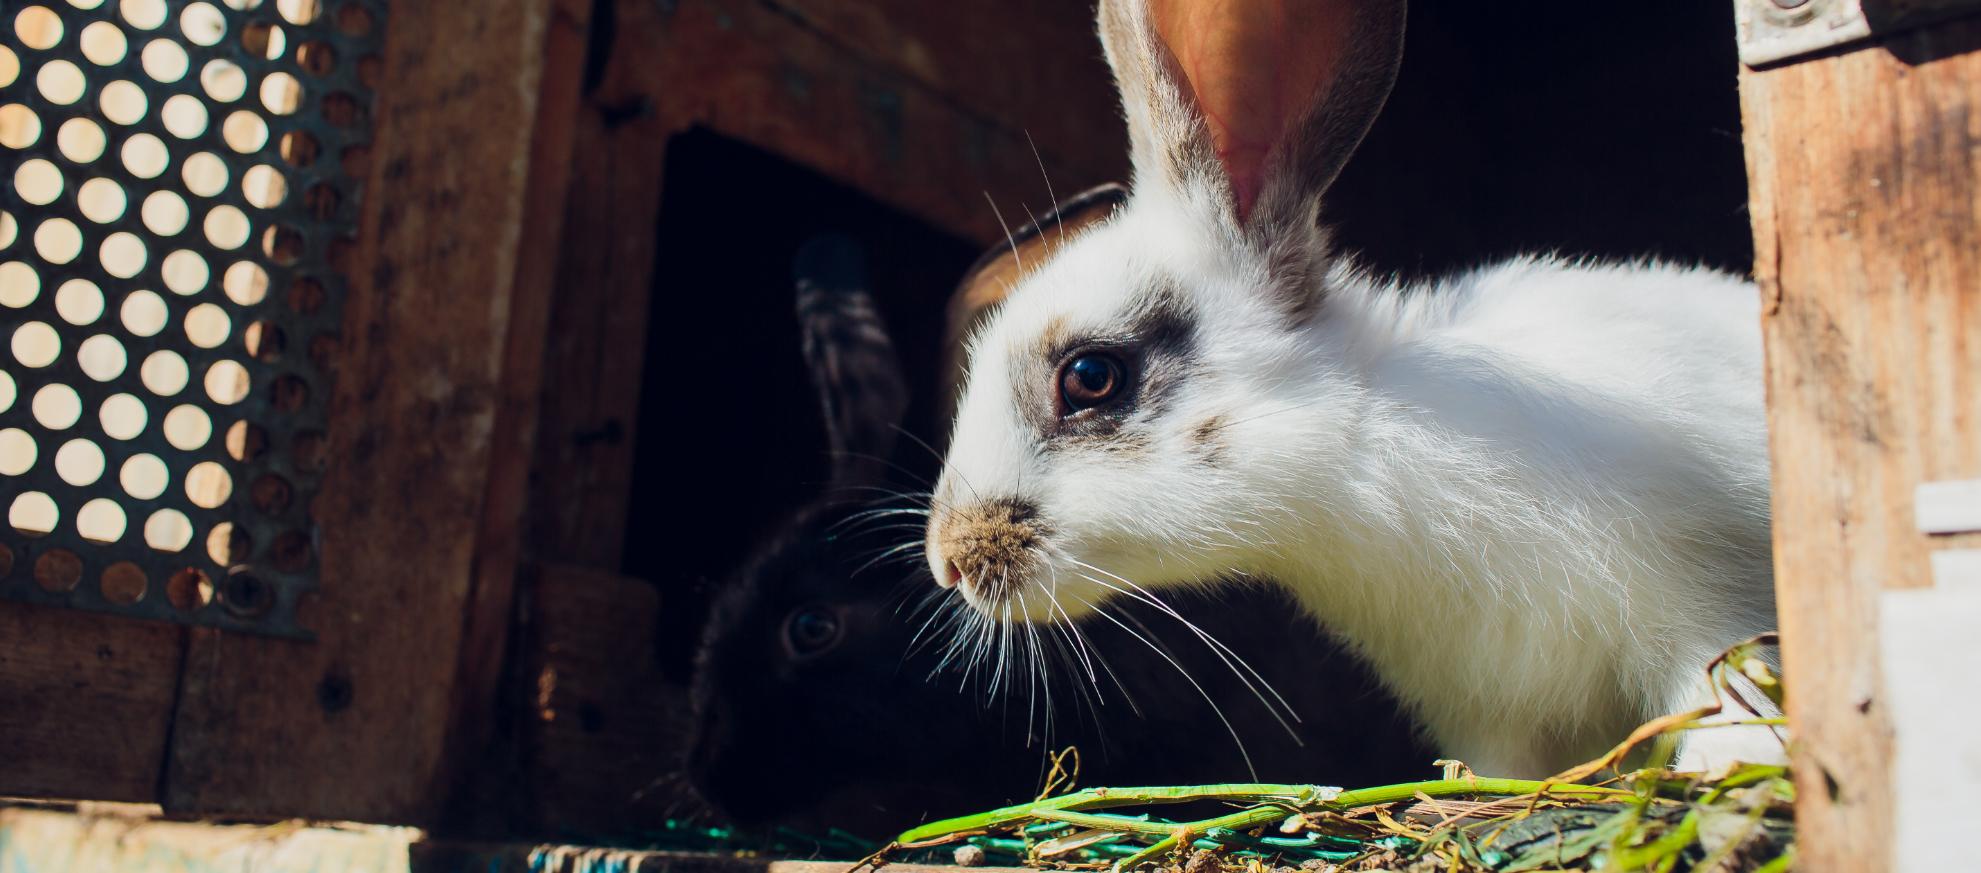 kanin i udendørsbur